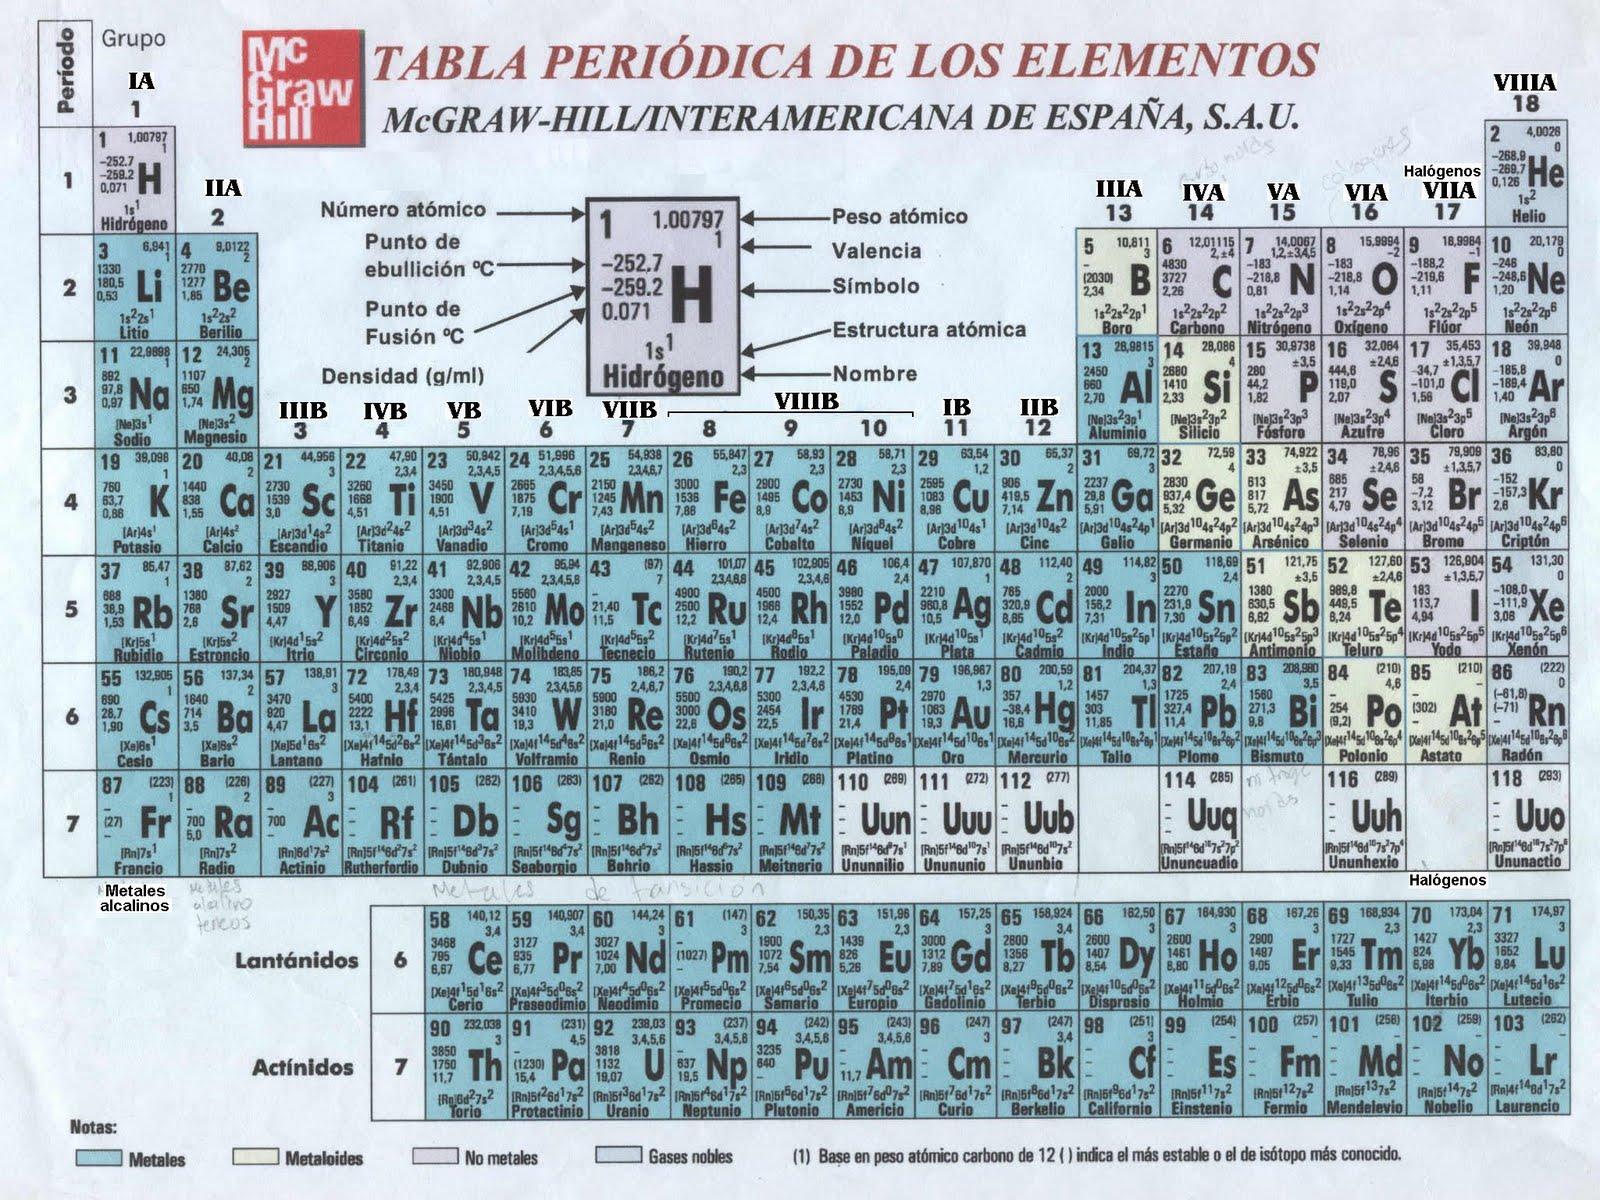 tabla peridica compuesta por 4 divisiones metales no metales gases nobles y tierras raras - Tabla Periodica Tierras Raras